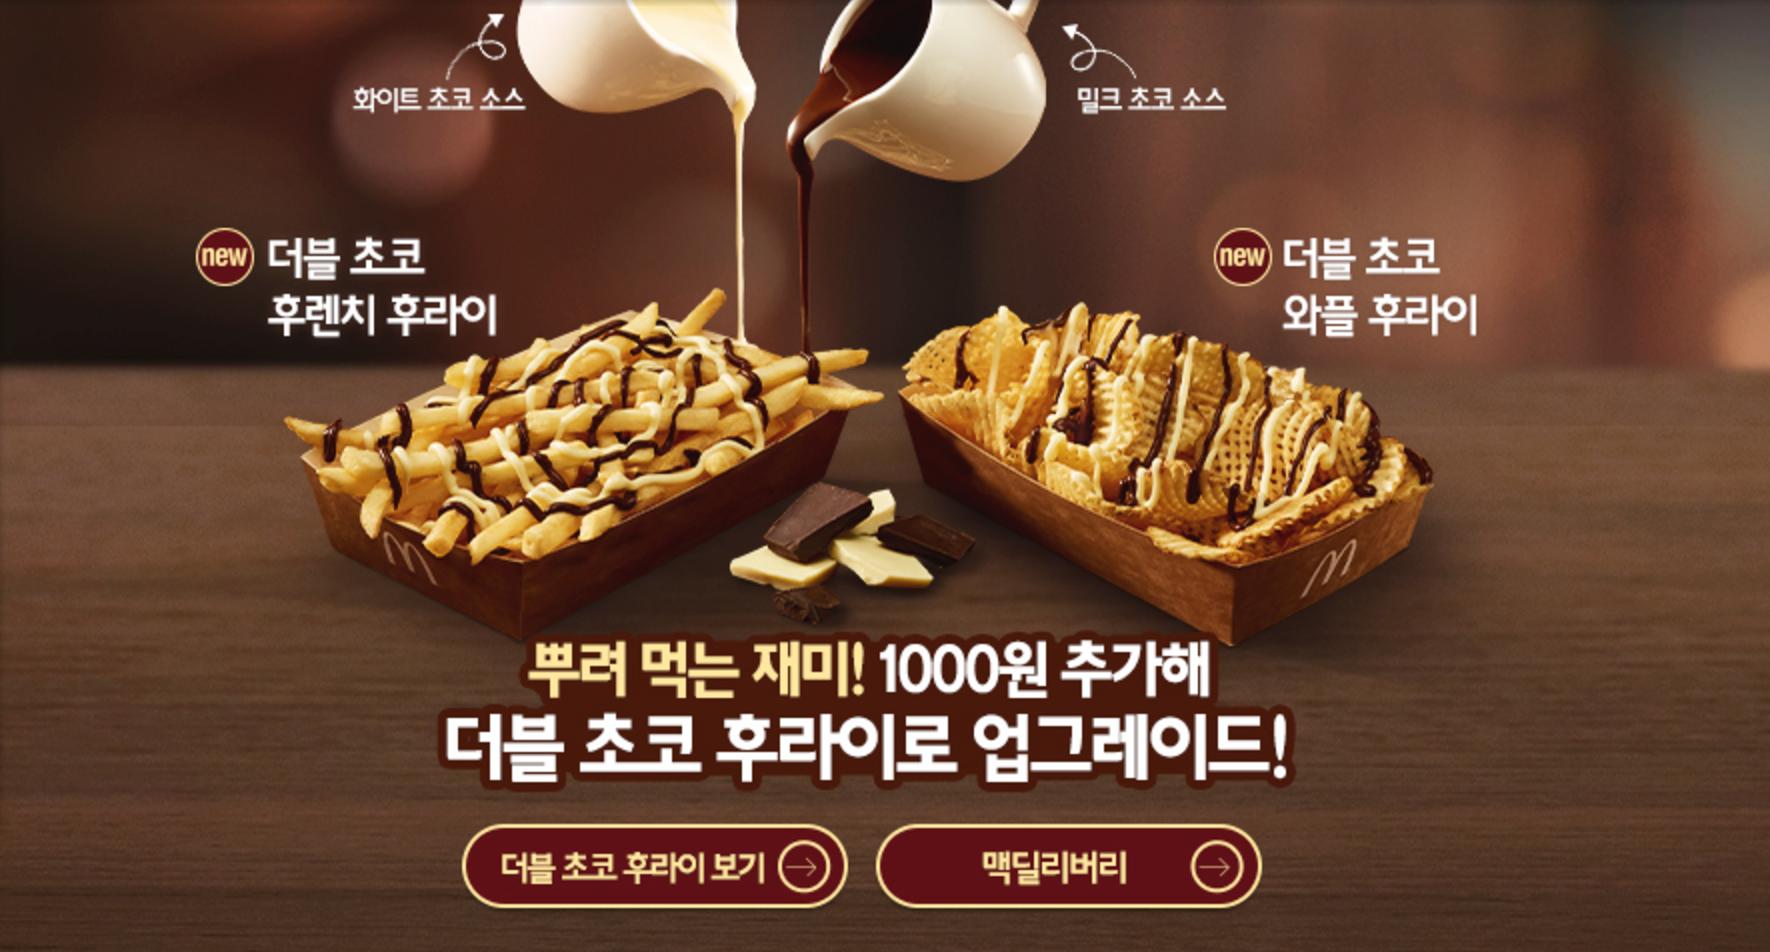 Les frites au chocolat noir et blanc sont de retour chez McDonald's